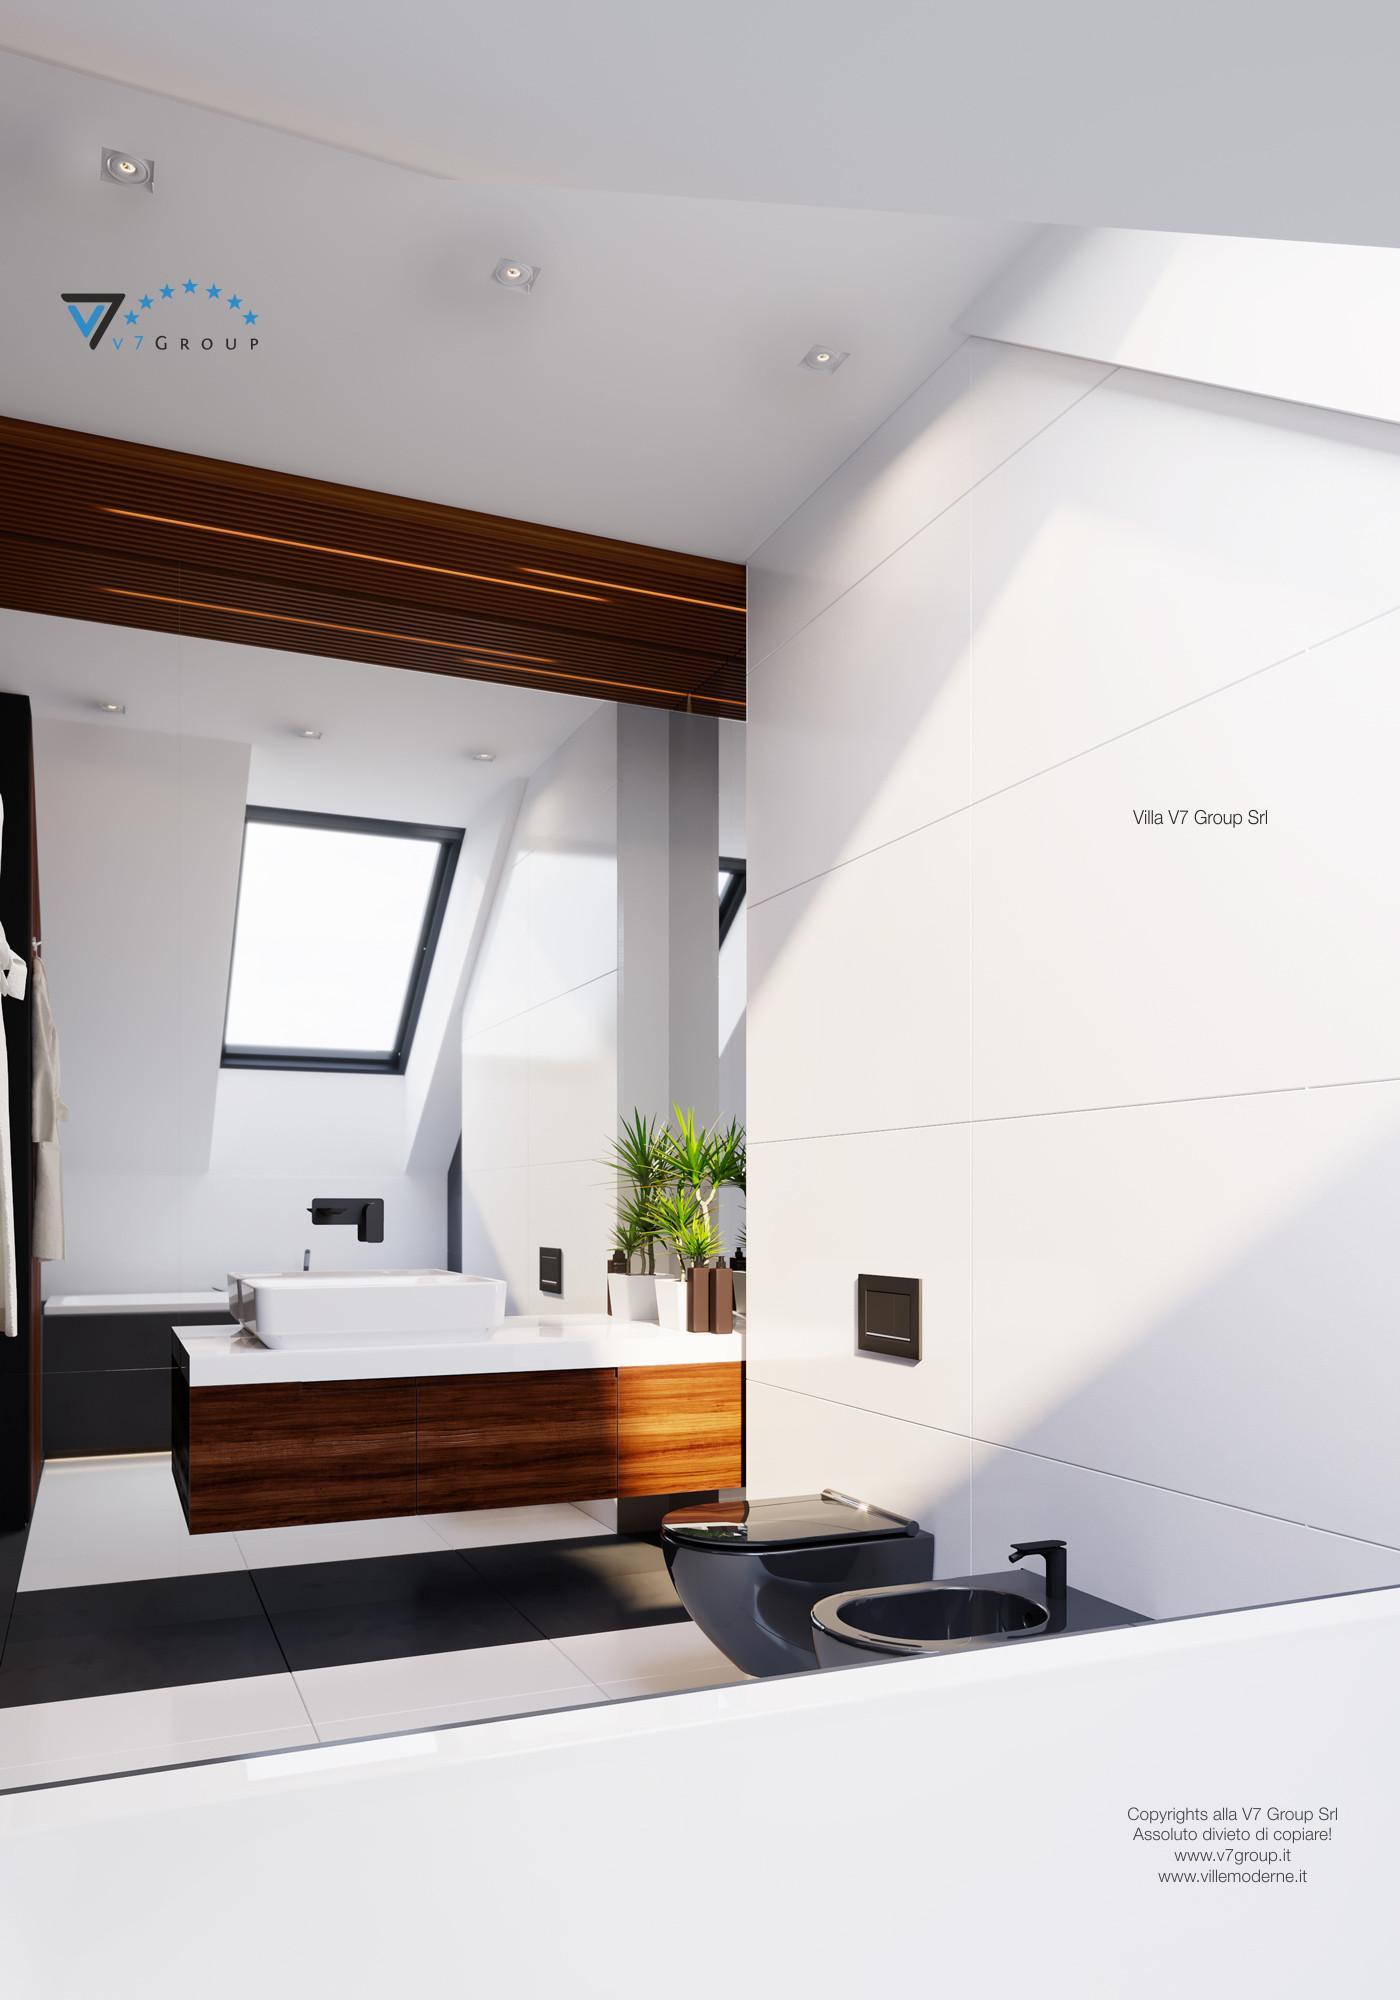 Immagine Villa V13 ENERGO - interno 15 - bagno